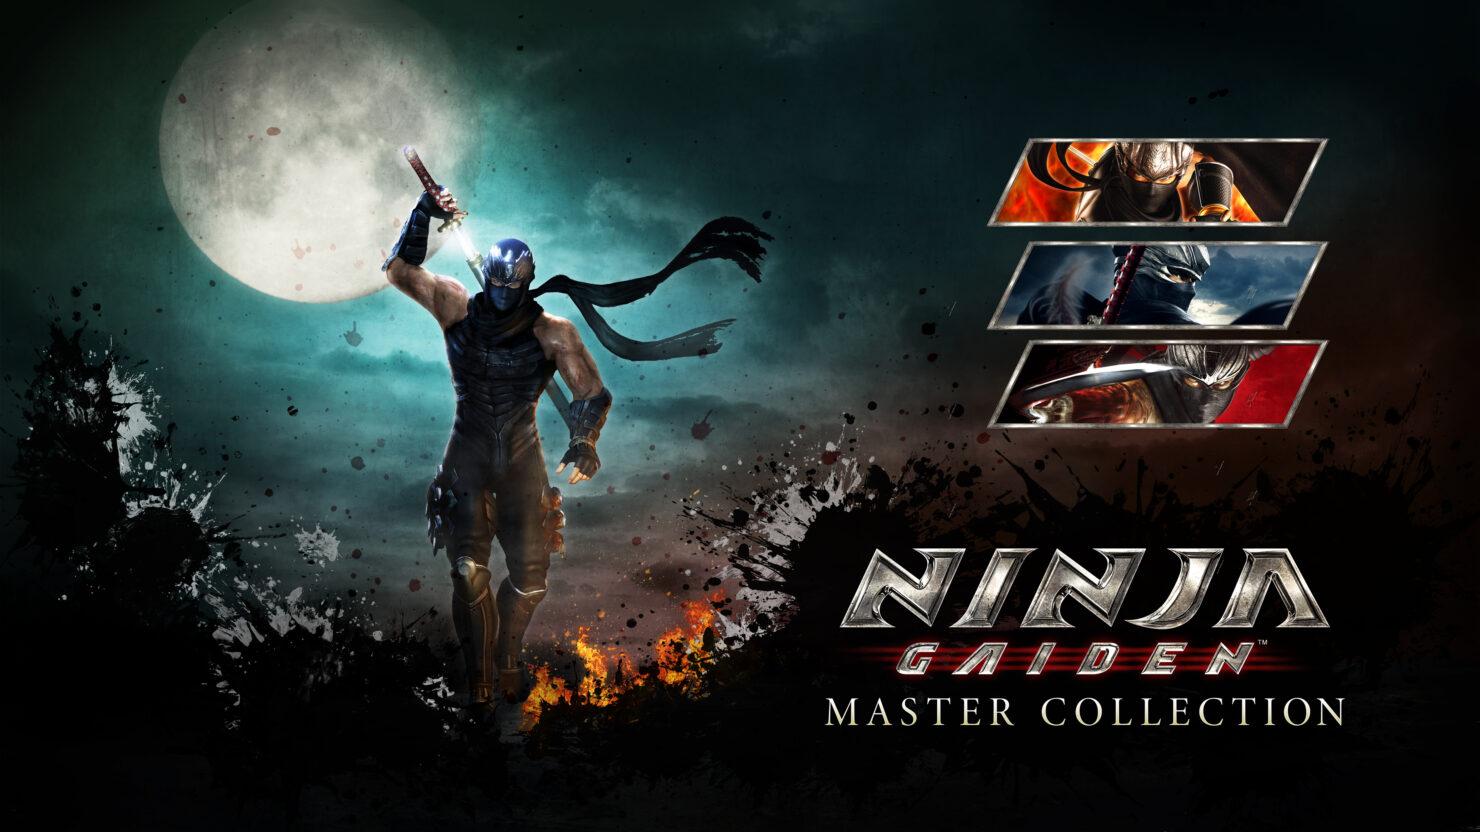 NINJA-GAIDEN-Master-Collection_main_media